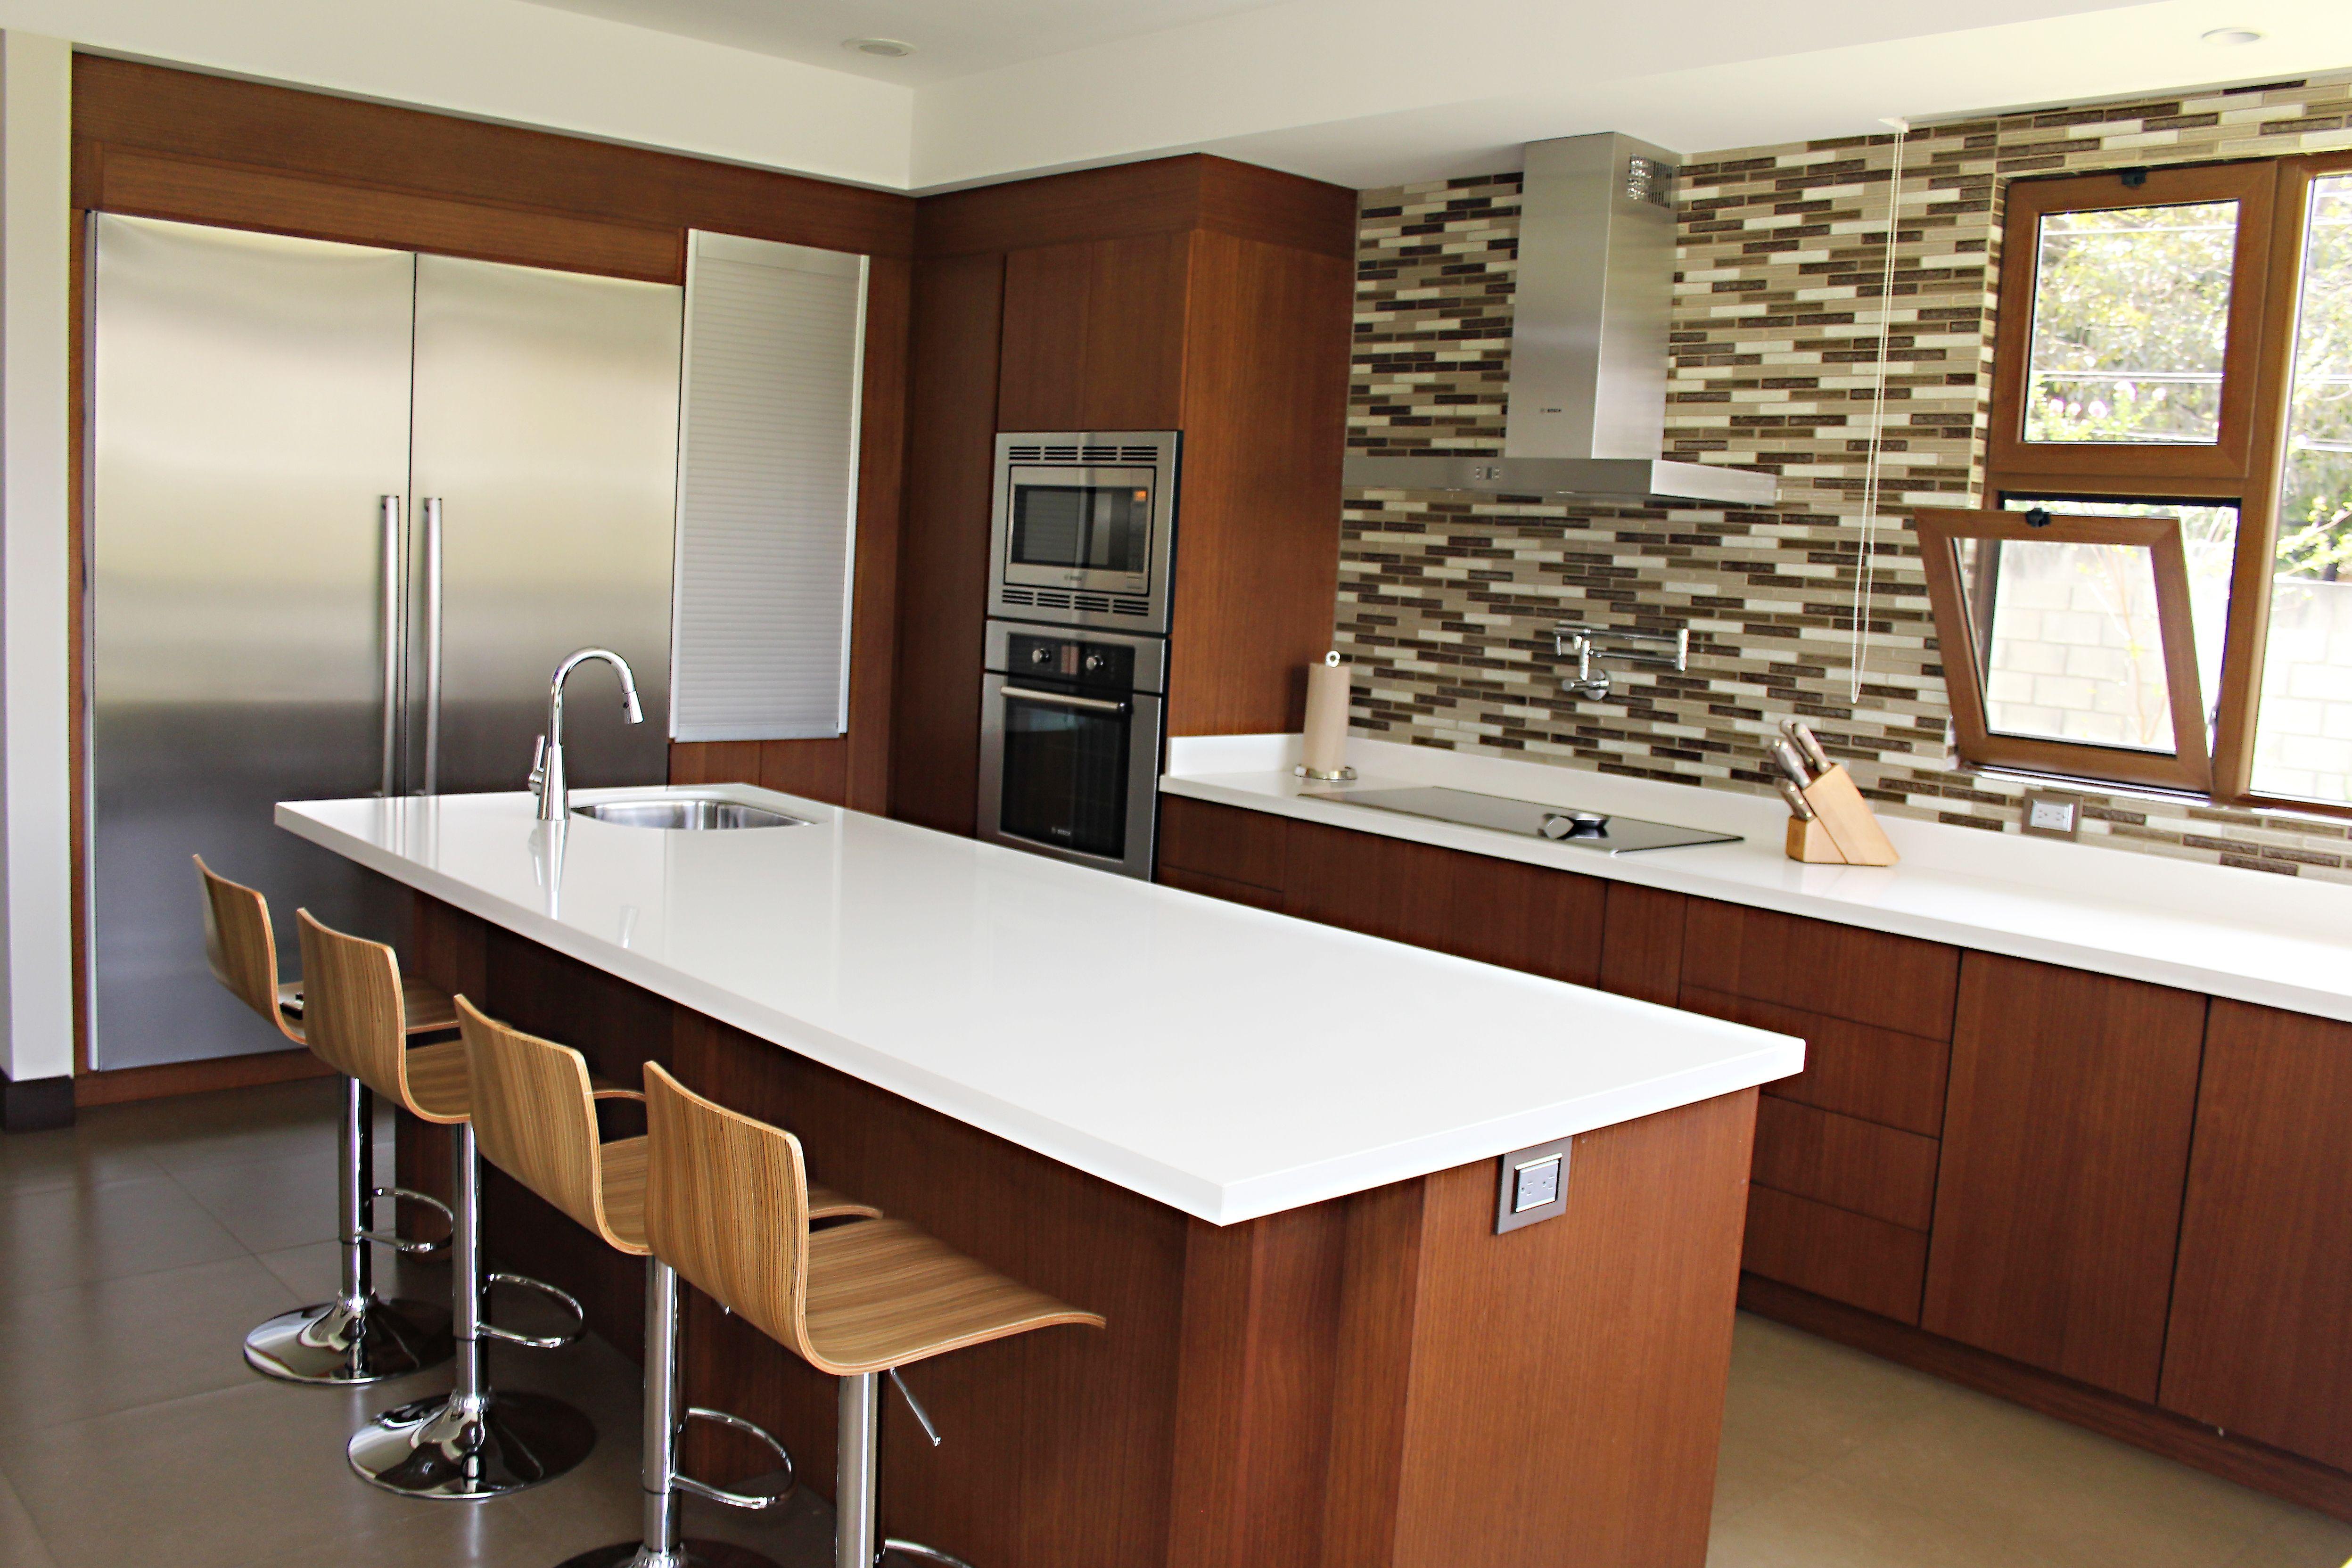 Cocina con nuestros electrodomesticos bosch y el enchape - Cocina con electrodomesticos ...